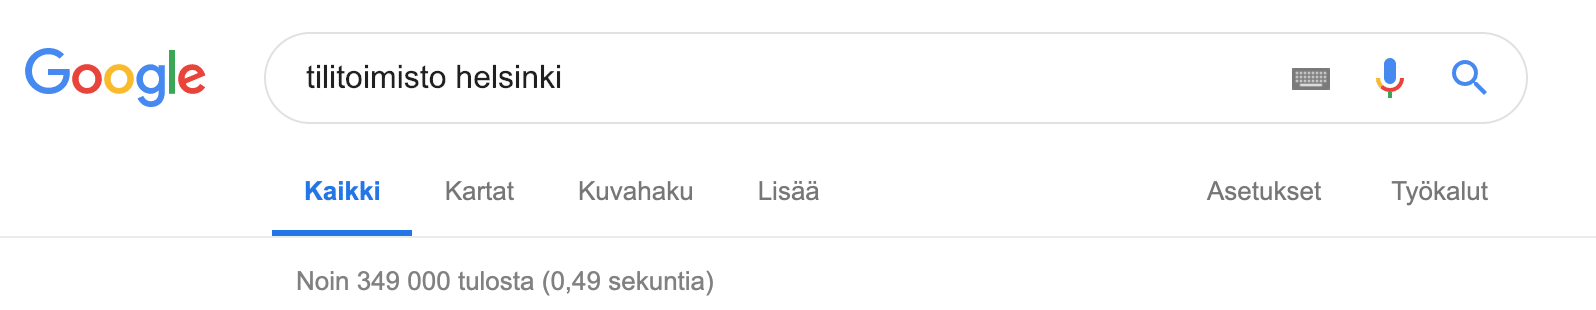 Tilitoimisto-Helsinki haku Googlessa